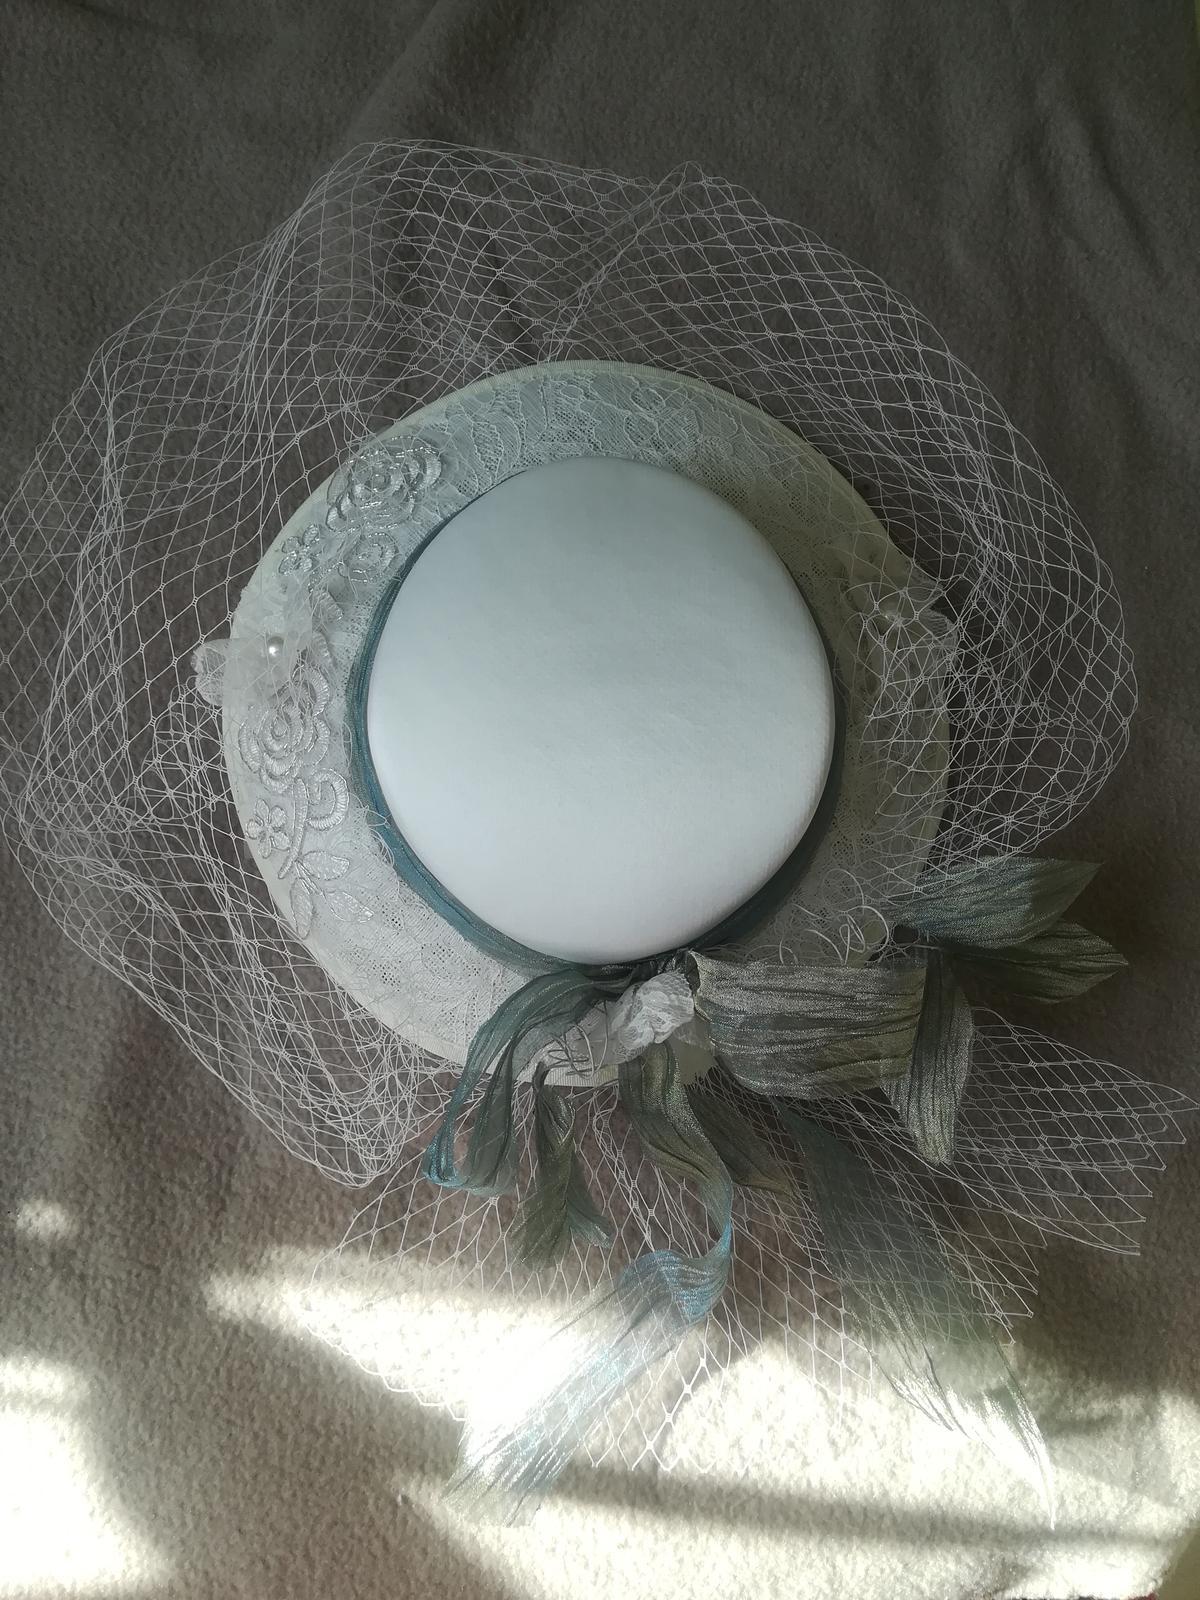 Svadobny klobuk - Obrázok č. 1